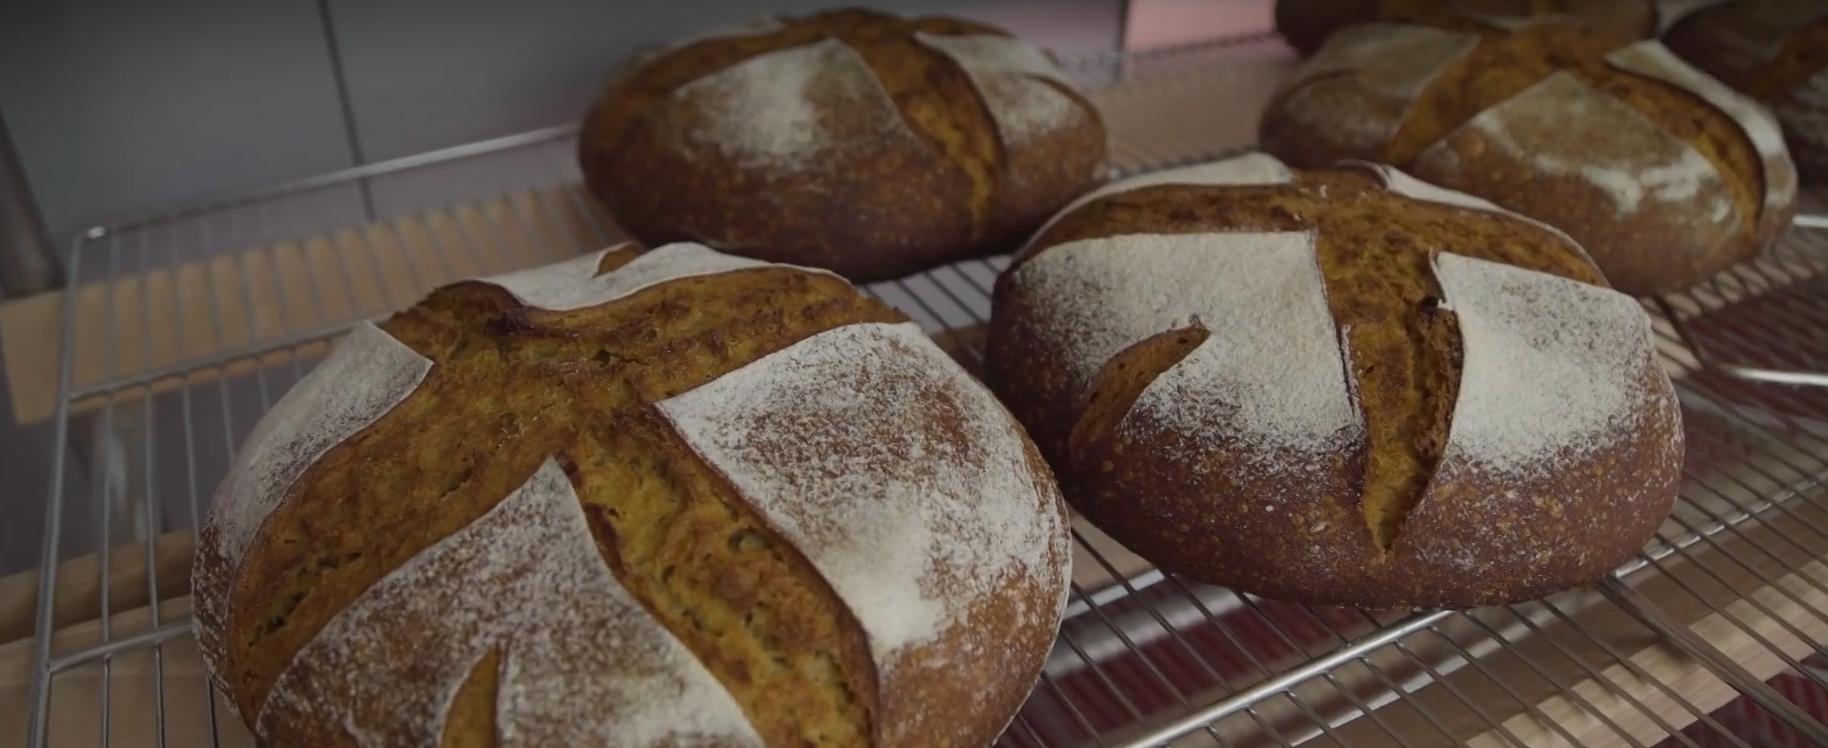 Boulangerie Pajol